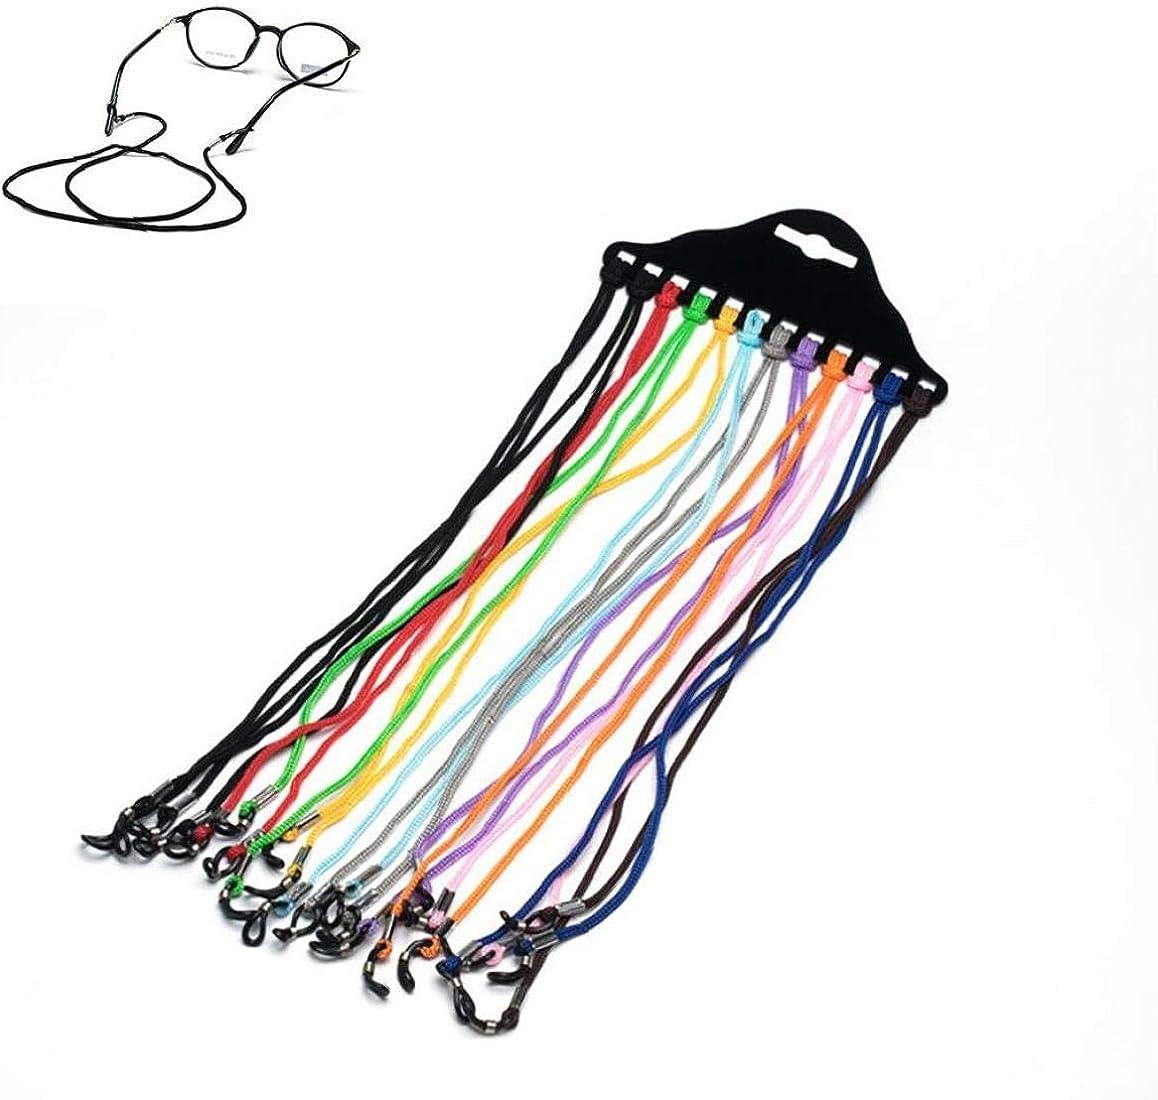 12piece De Gafas Sostenedor Del Marco De Los Vidrios Cuerda De Nylon Soporte Para La Correa Trenzada De La Lente Cable Holder Cuerda Gafas De Retenci/ón